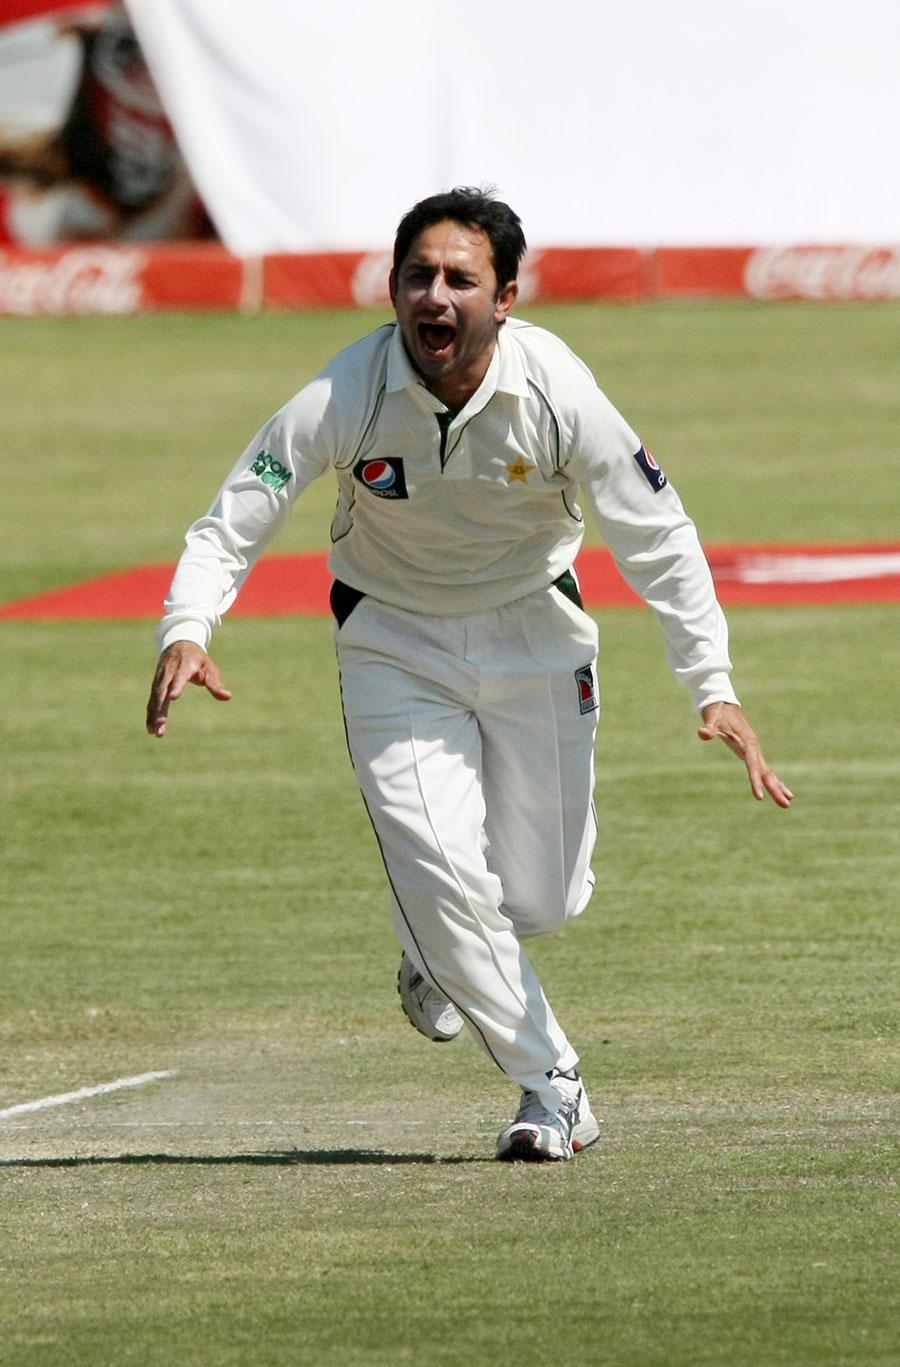 سعید اجمل 2011ء میں واروکشائر کی جانب سے کاؤنٹی سیزن کھیل چکے ہیں (تصویر: AFP)